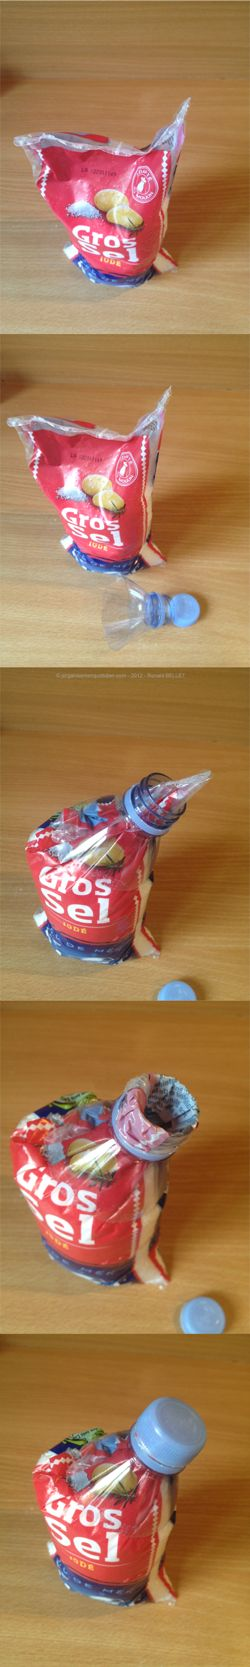 Comment réaliser un bec verseur gratuit. Bien pratique pour les produits conditionnés dans des emballages en  plastique.